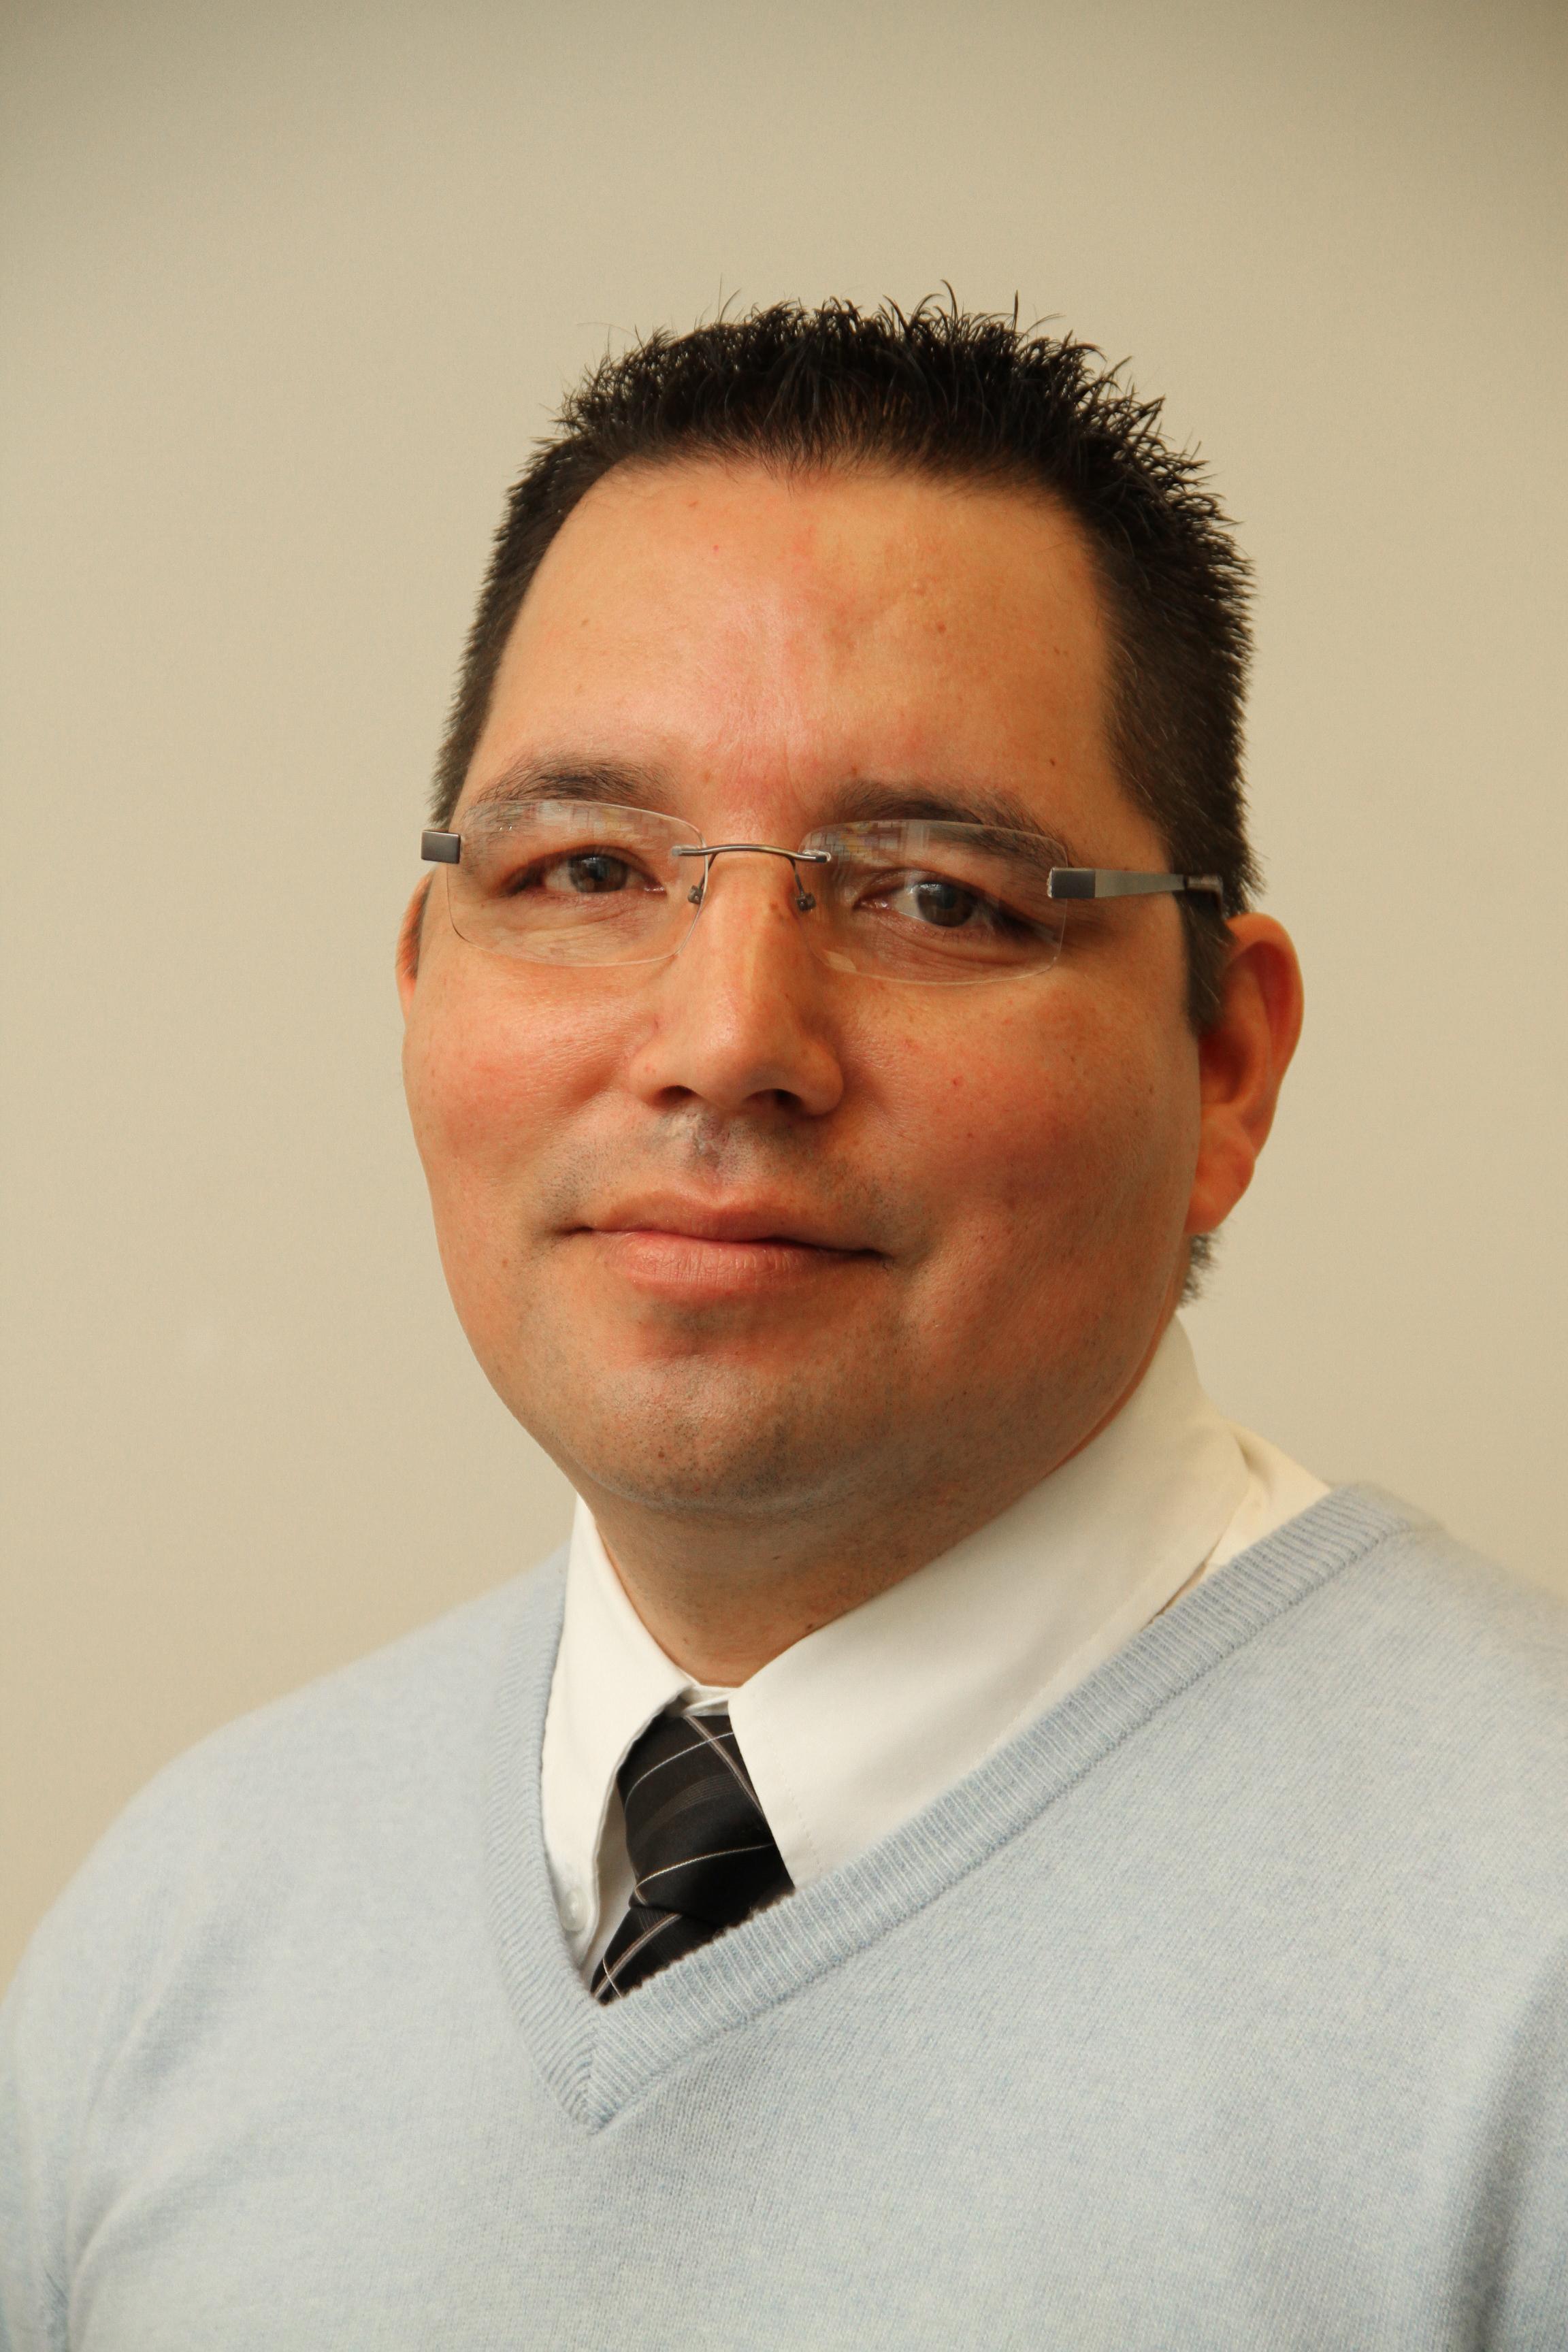 Jaime Arvizu